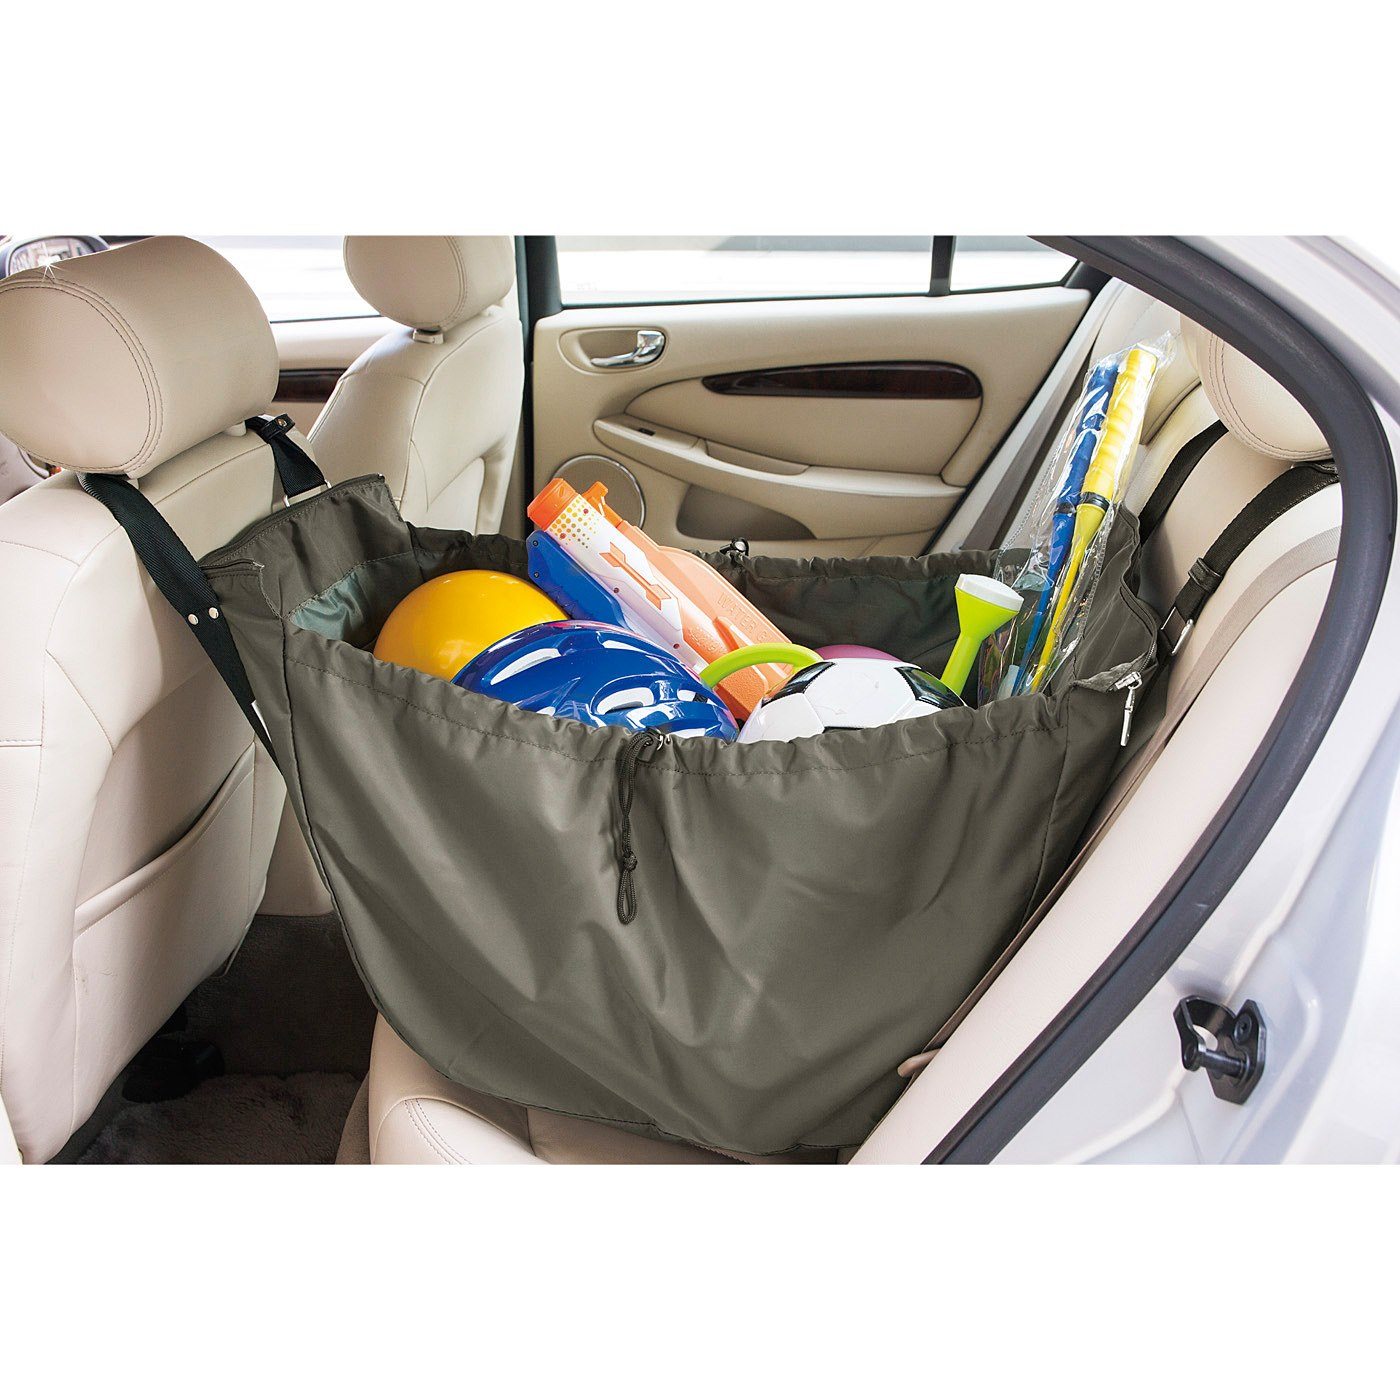 ハンモックのように掛ければ、アウトドア用品など車内で散らかる荷物の収納も出し入れもスムーズ。